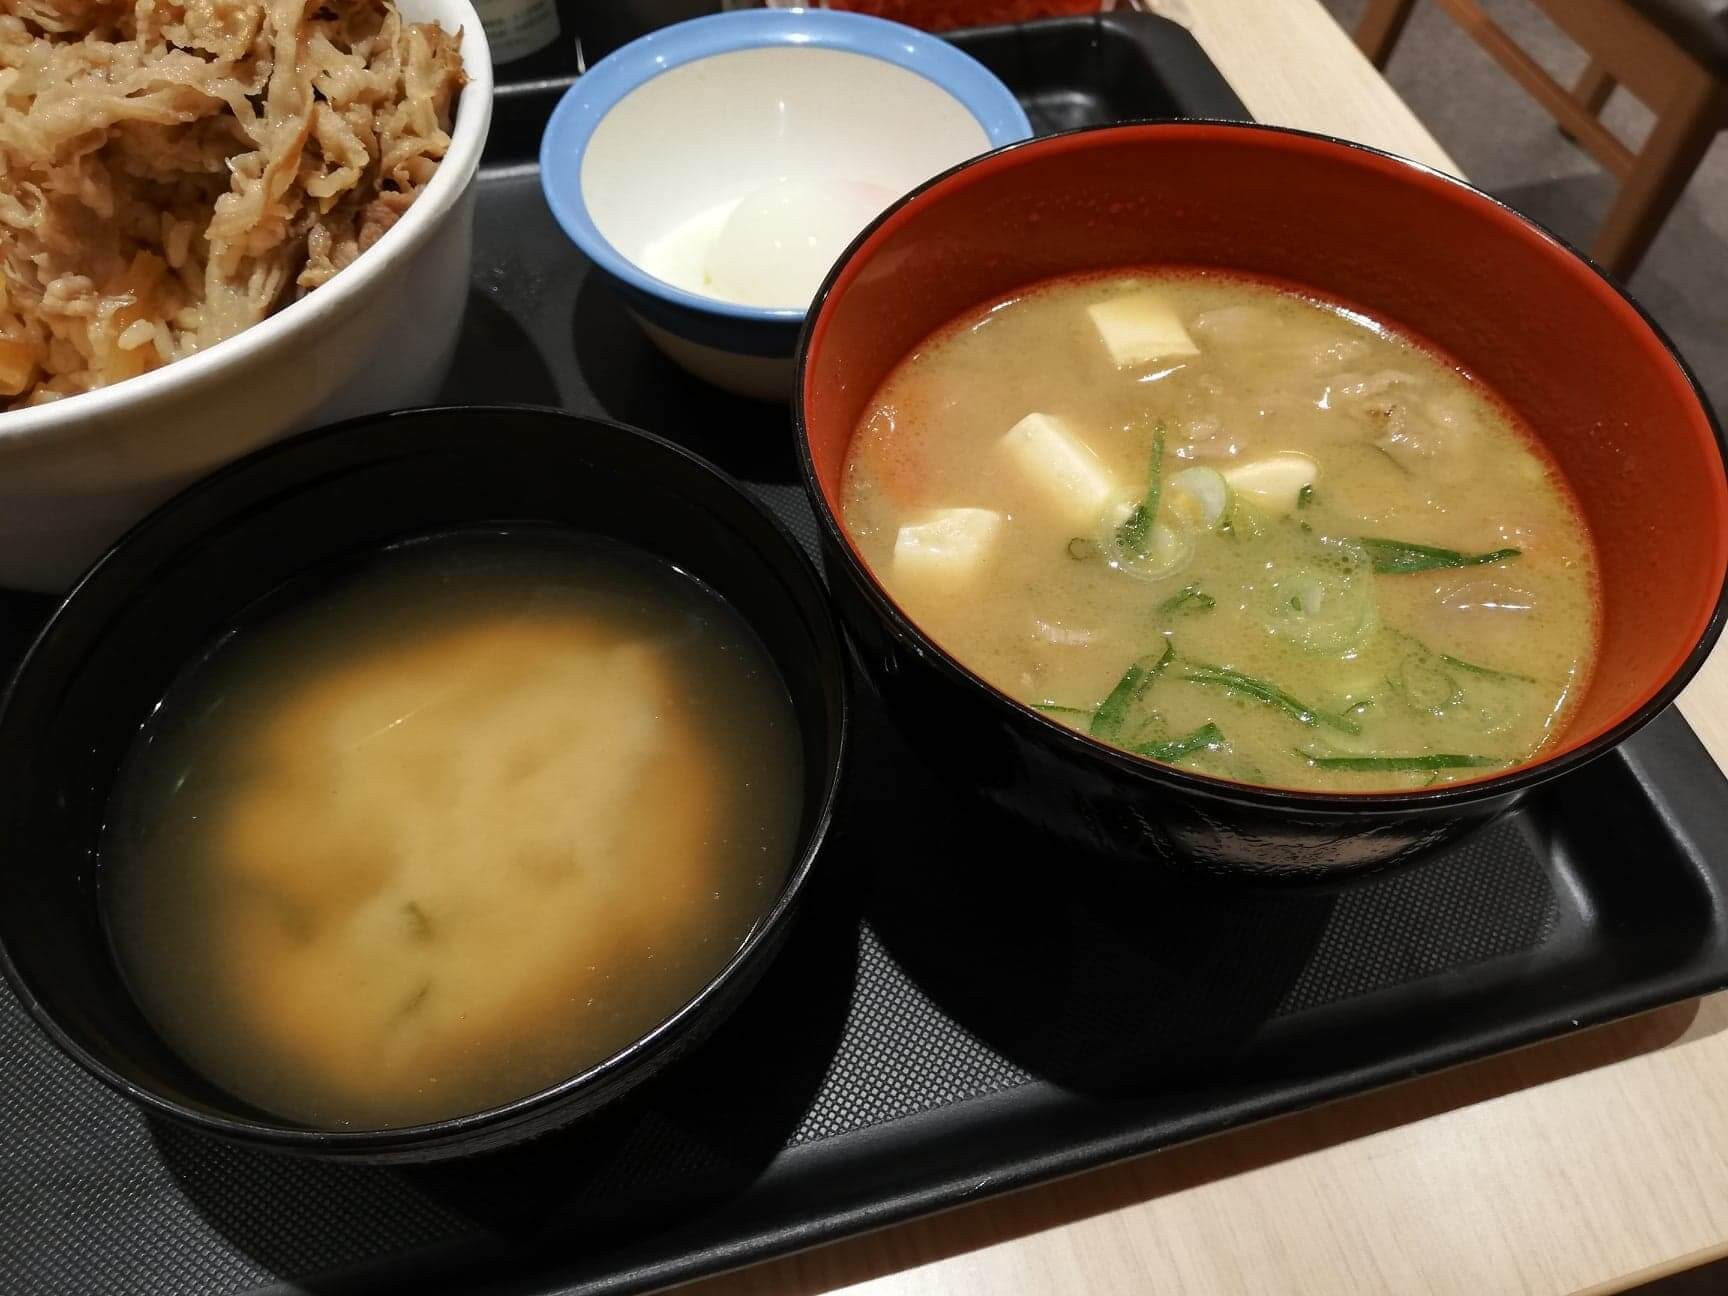 松屋の豚汁と味噌汁の画像